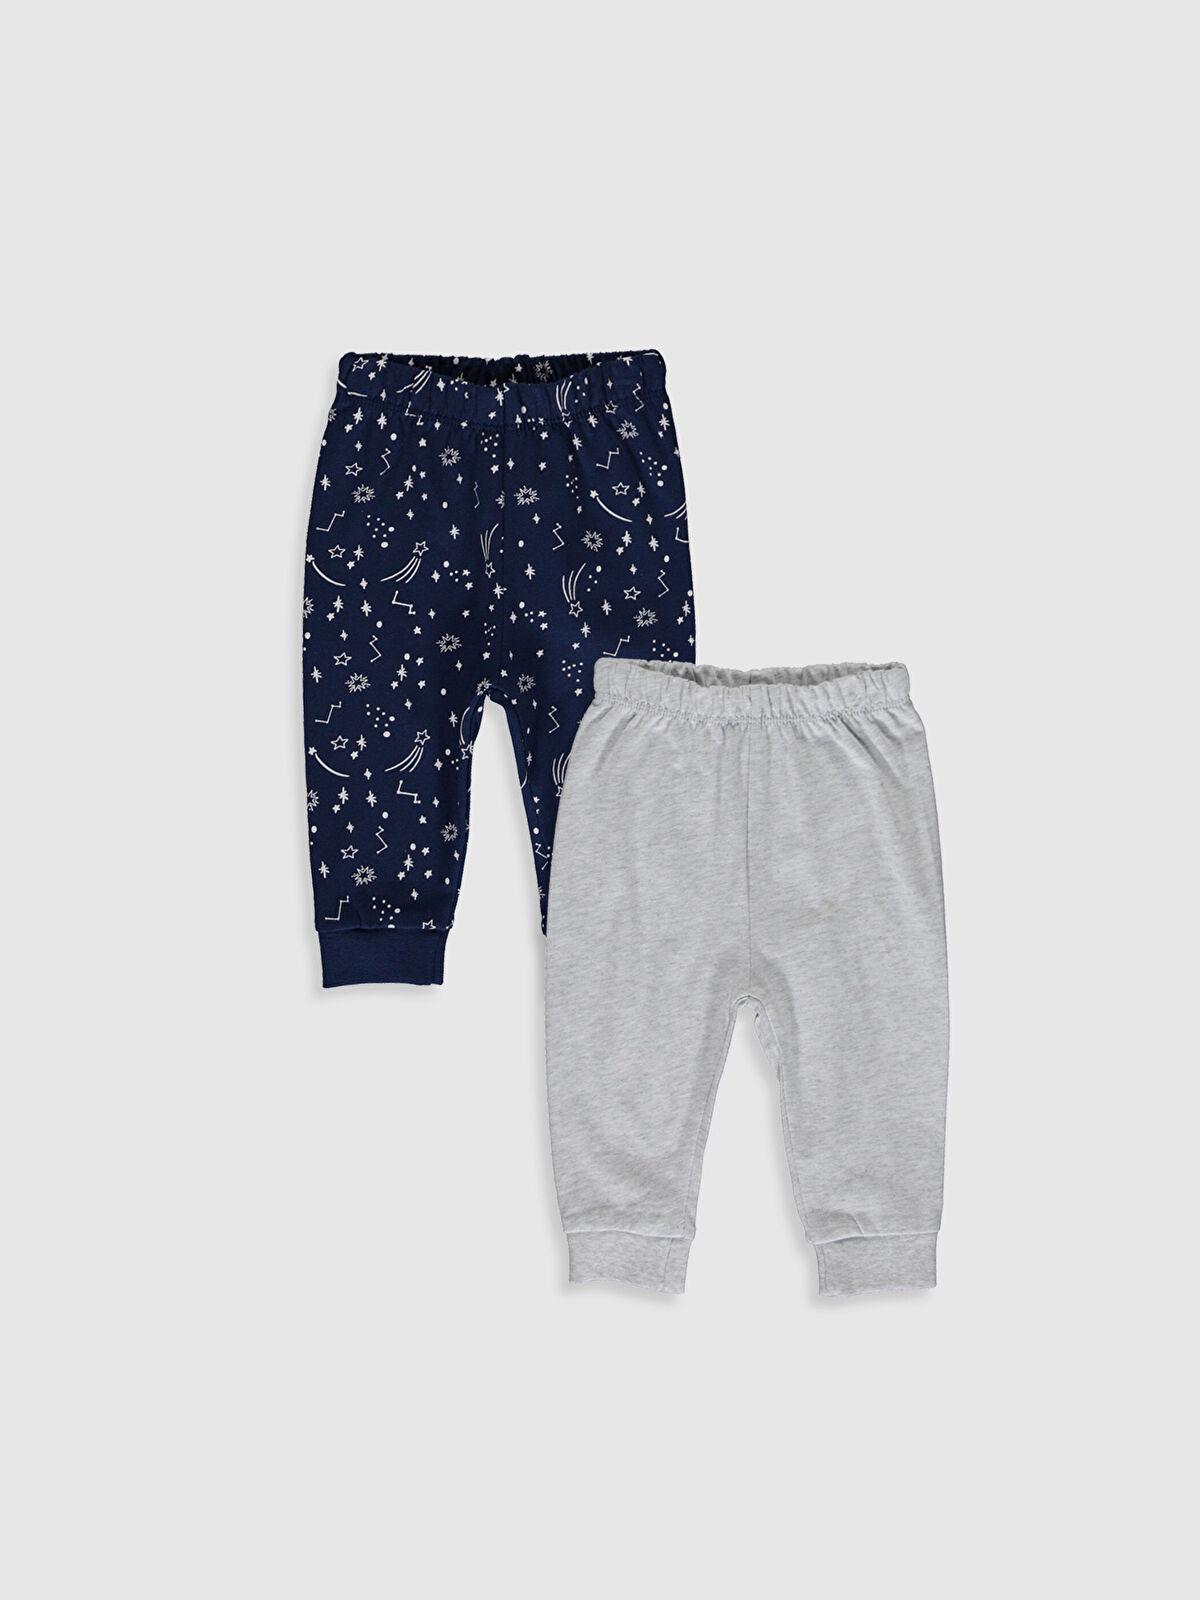 Erkek Bebek Pijama Alt 2'li  - LC WAIKIKI